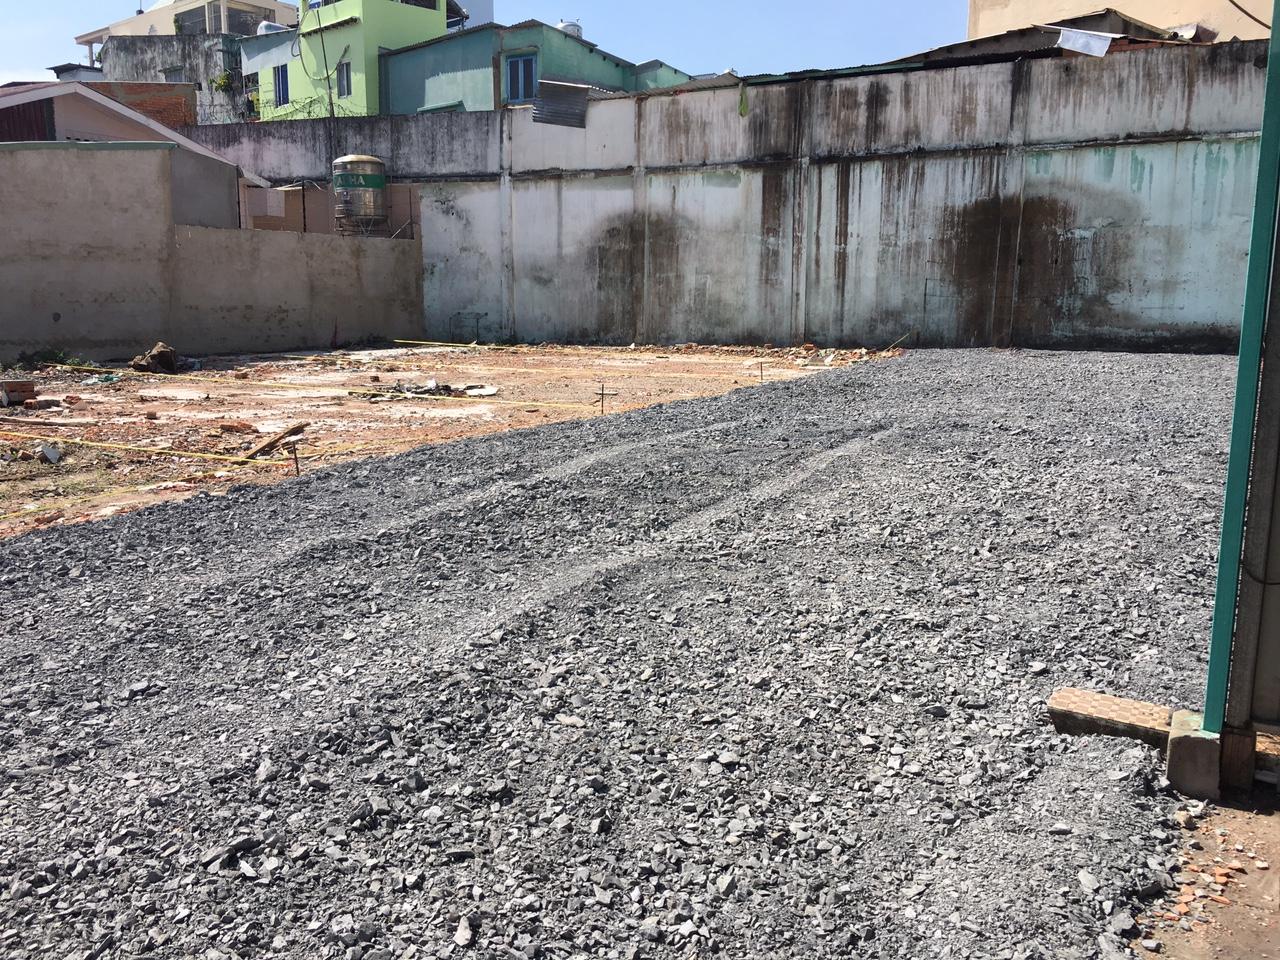 Dự án đã quy hoạch trải đường 5-8m